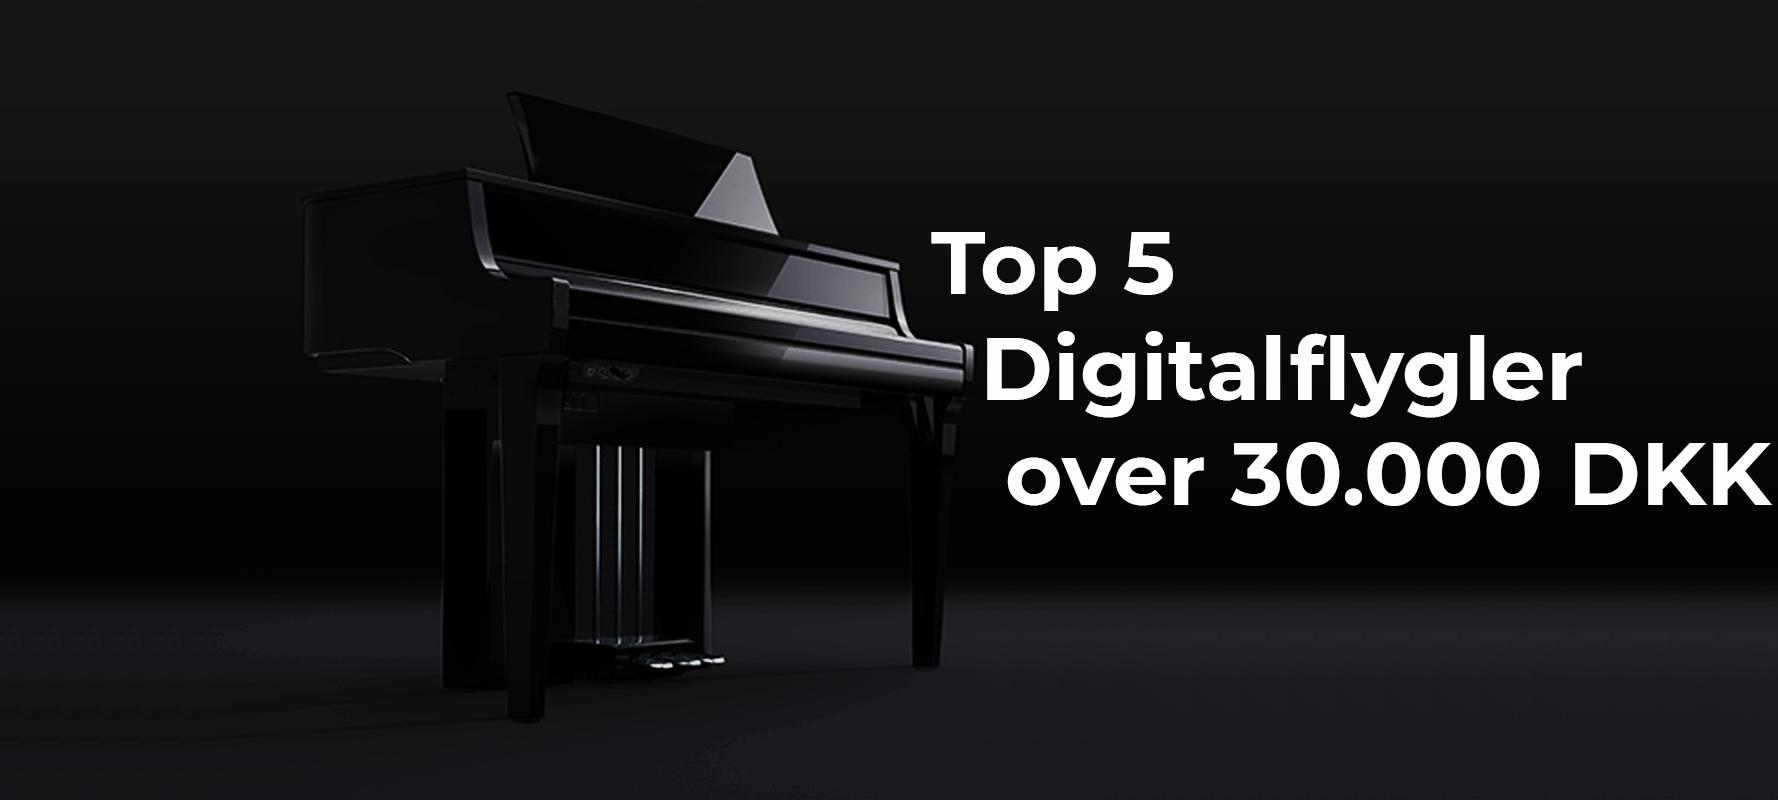 Top 5 digitalflygler over 30.000 DKK